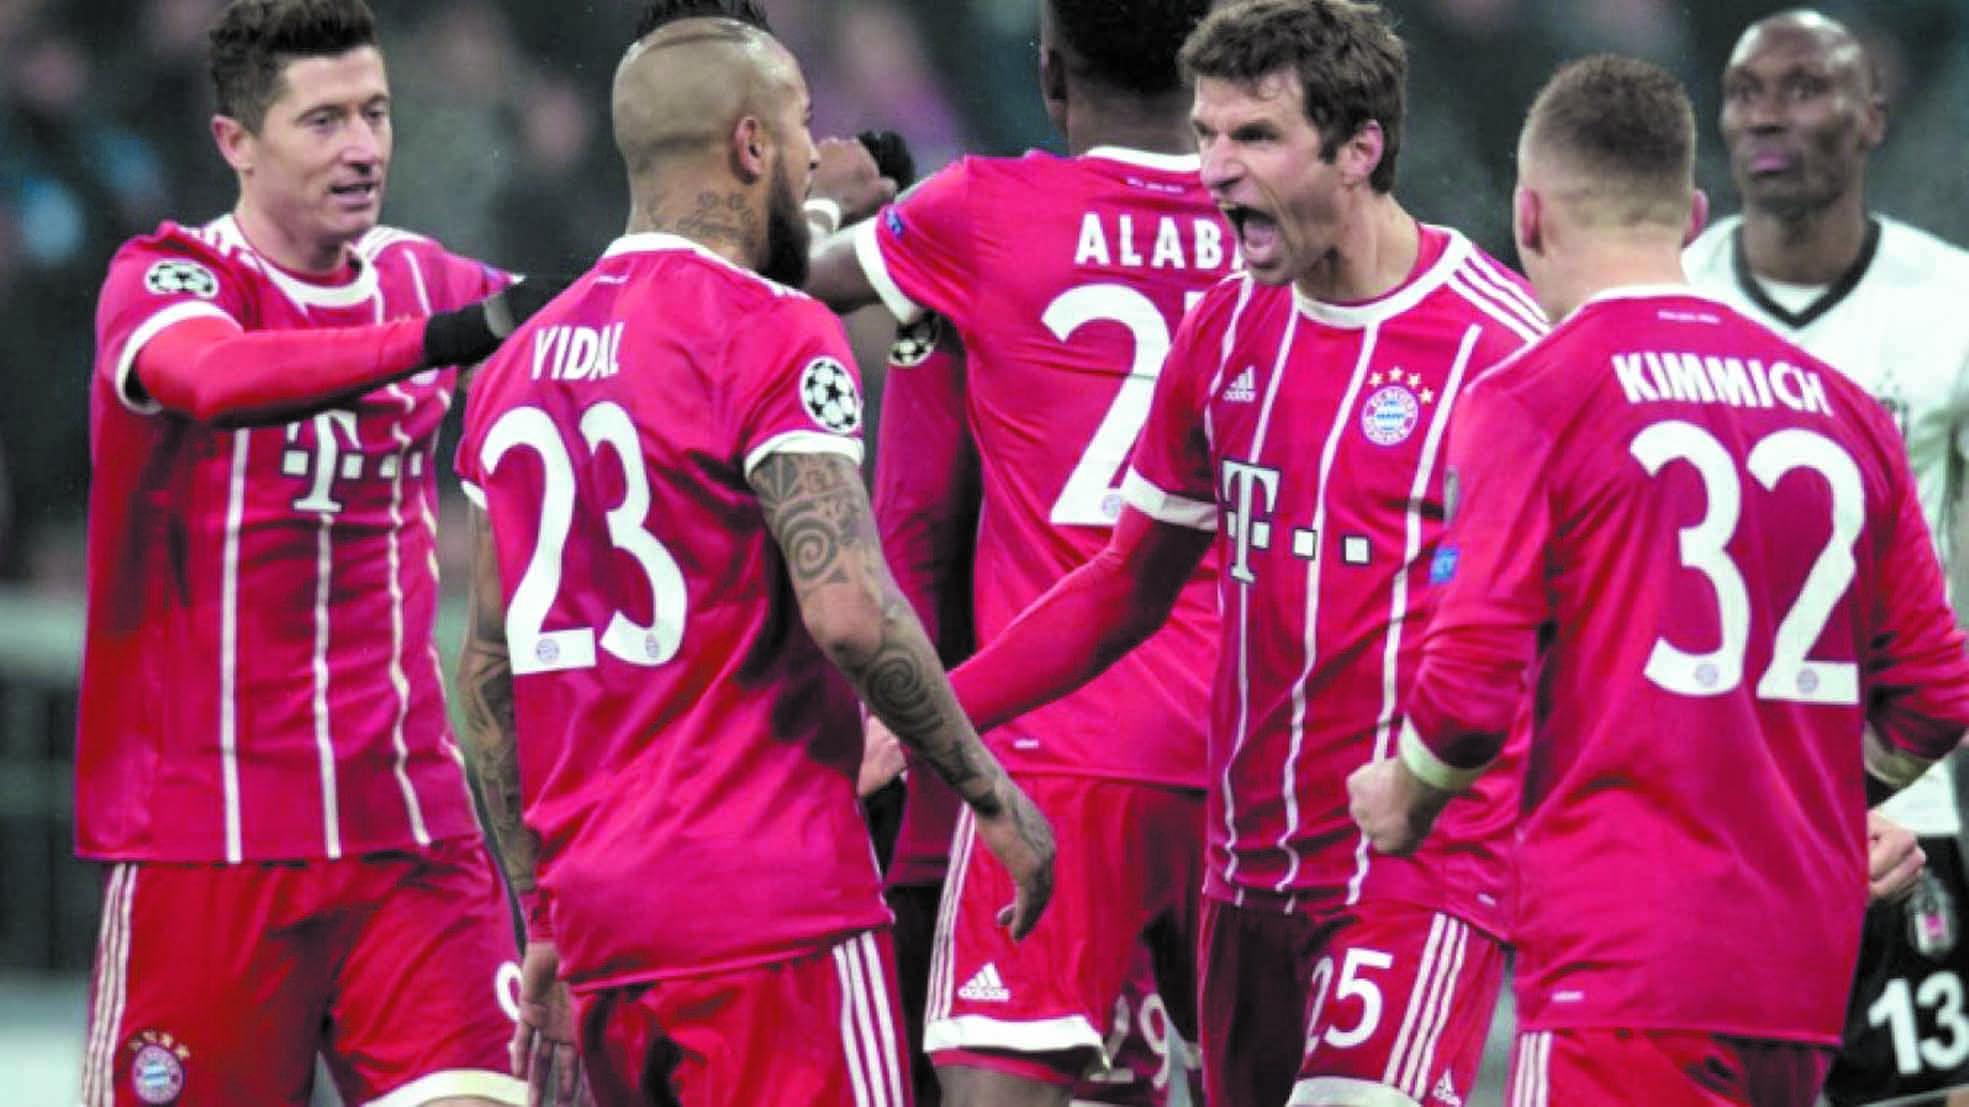 Le Bayern met KO Besiktas avec des doublés de Müller et Lewandowski